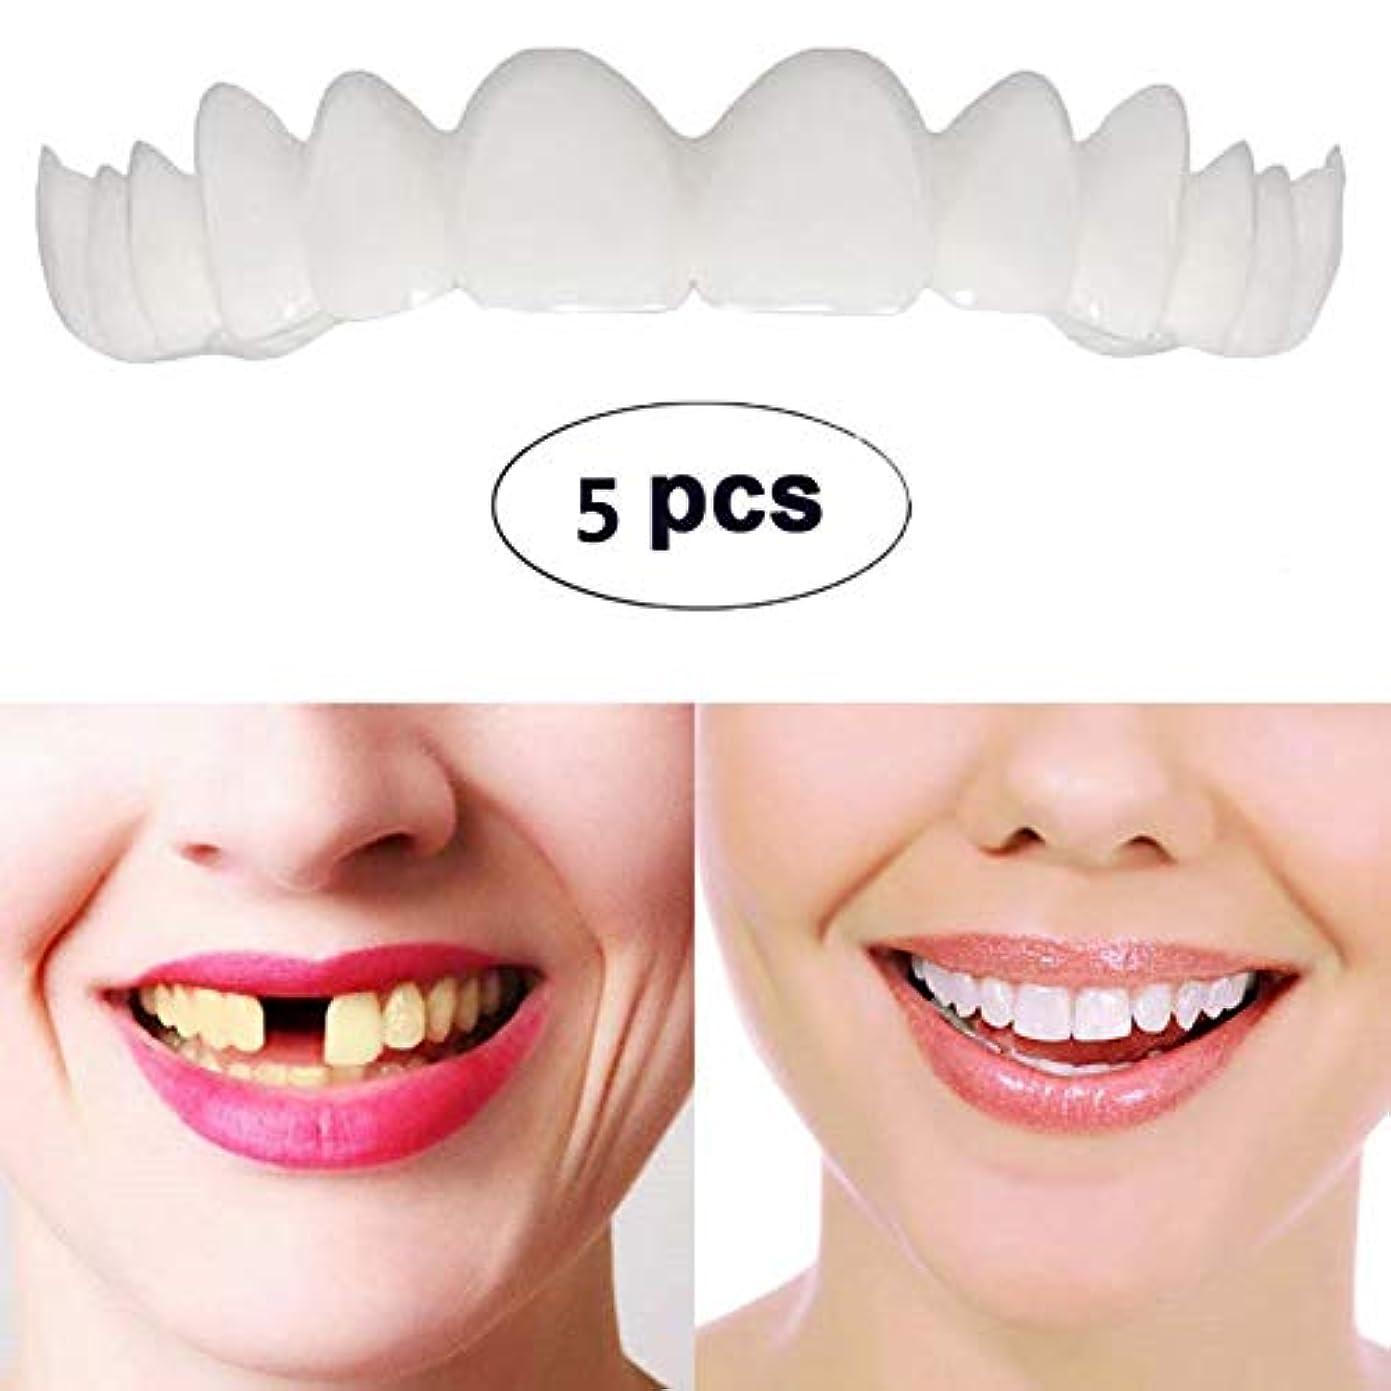 おしゃれじゃない首尾一貫した現れる5ピースインスタントパーフェクトコンフォートフィットフレックス化粧品歯入れ歯歯トップ化粧突き板,5upperteeth